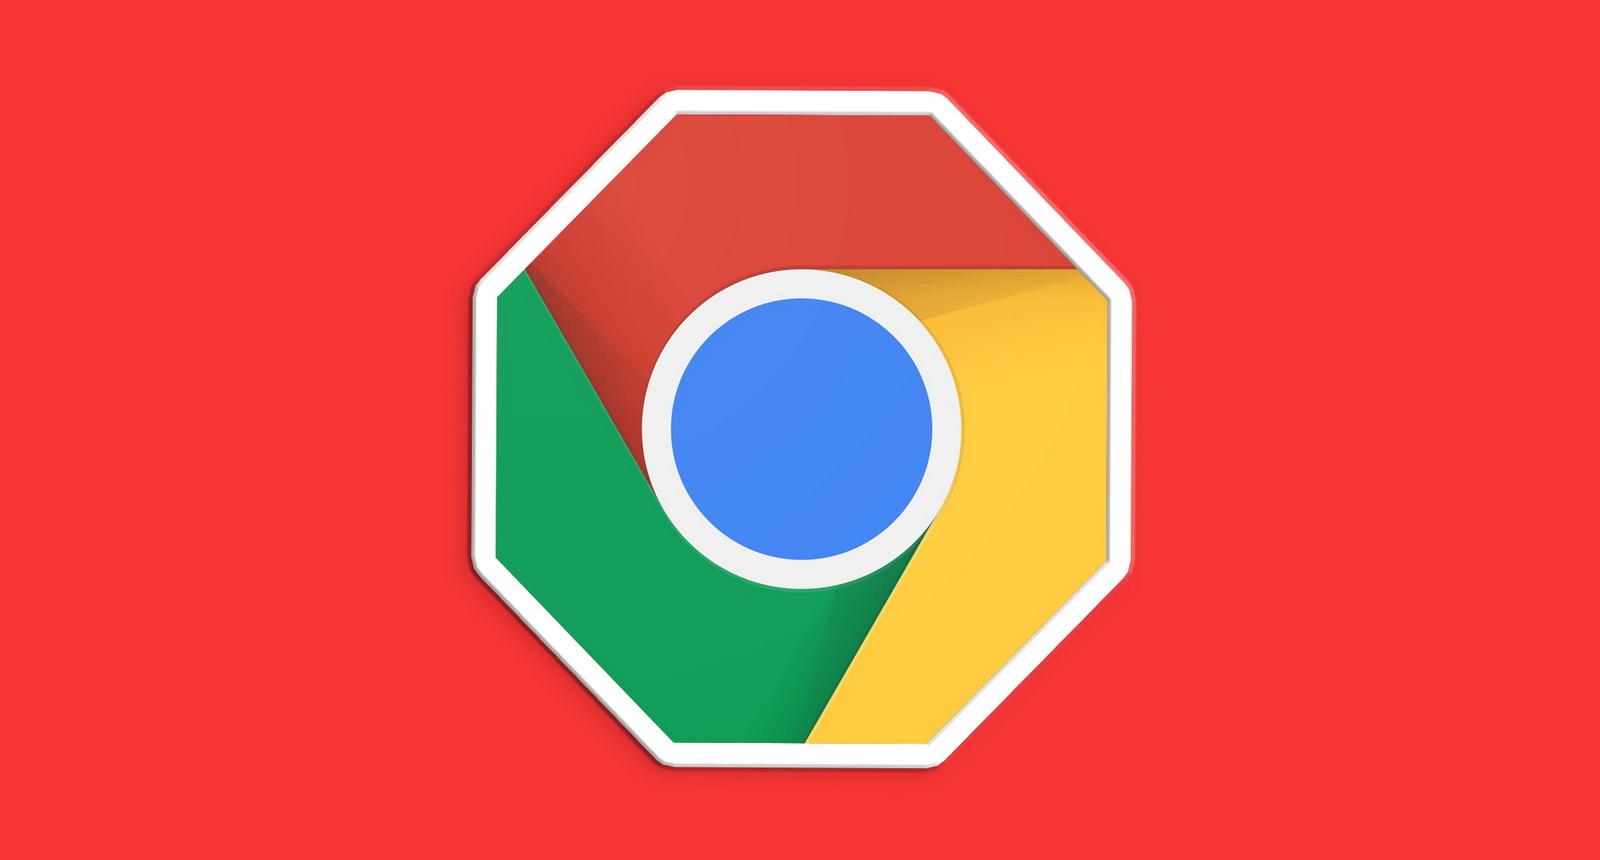 Chrome 71 будет блокировать рекламу на сайтах, злоупотребляющих нечестными трюками